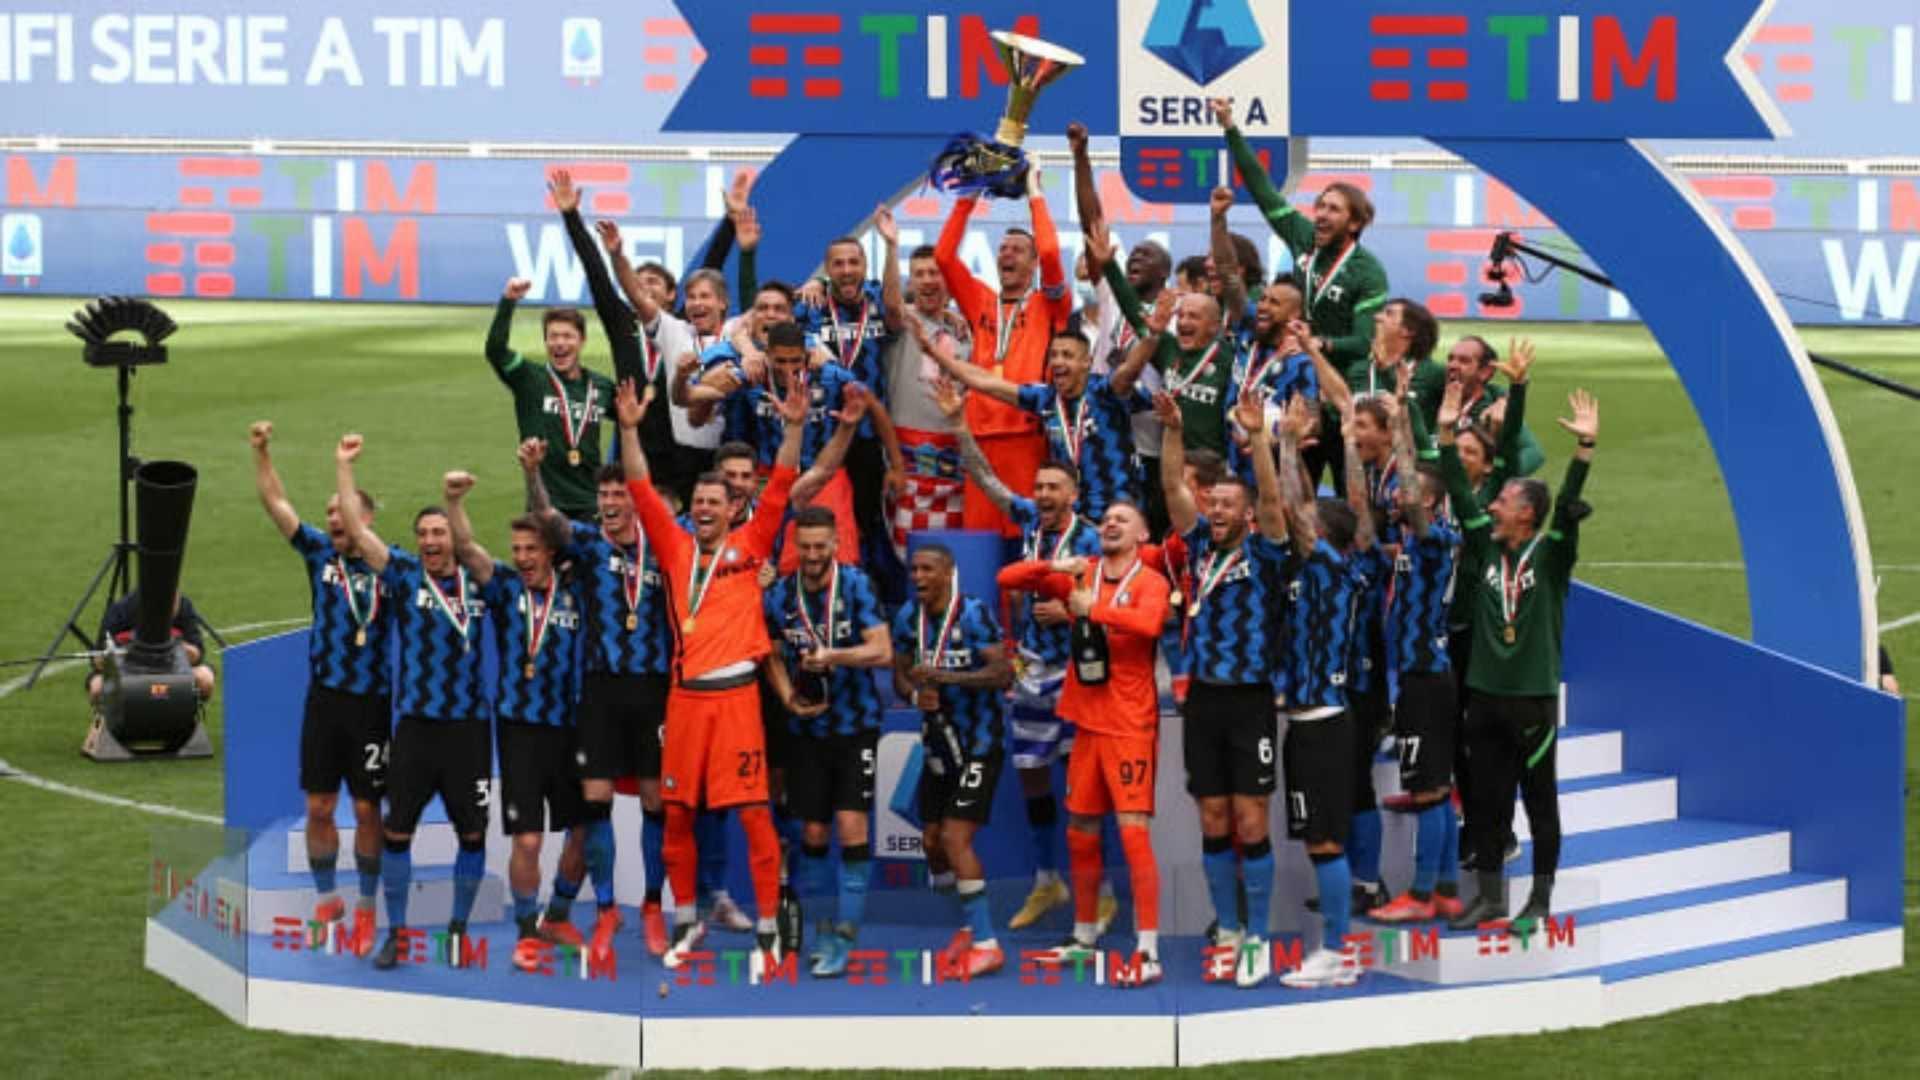 Tabellone calciomercato Serie A 2021/22: acquisti e cessioni